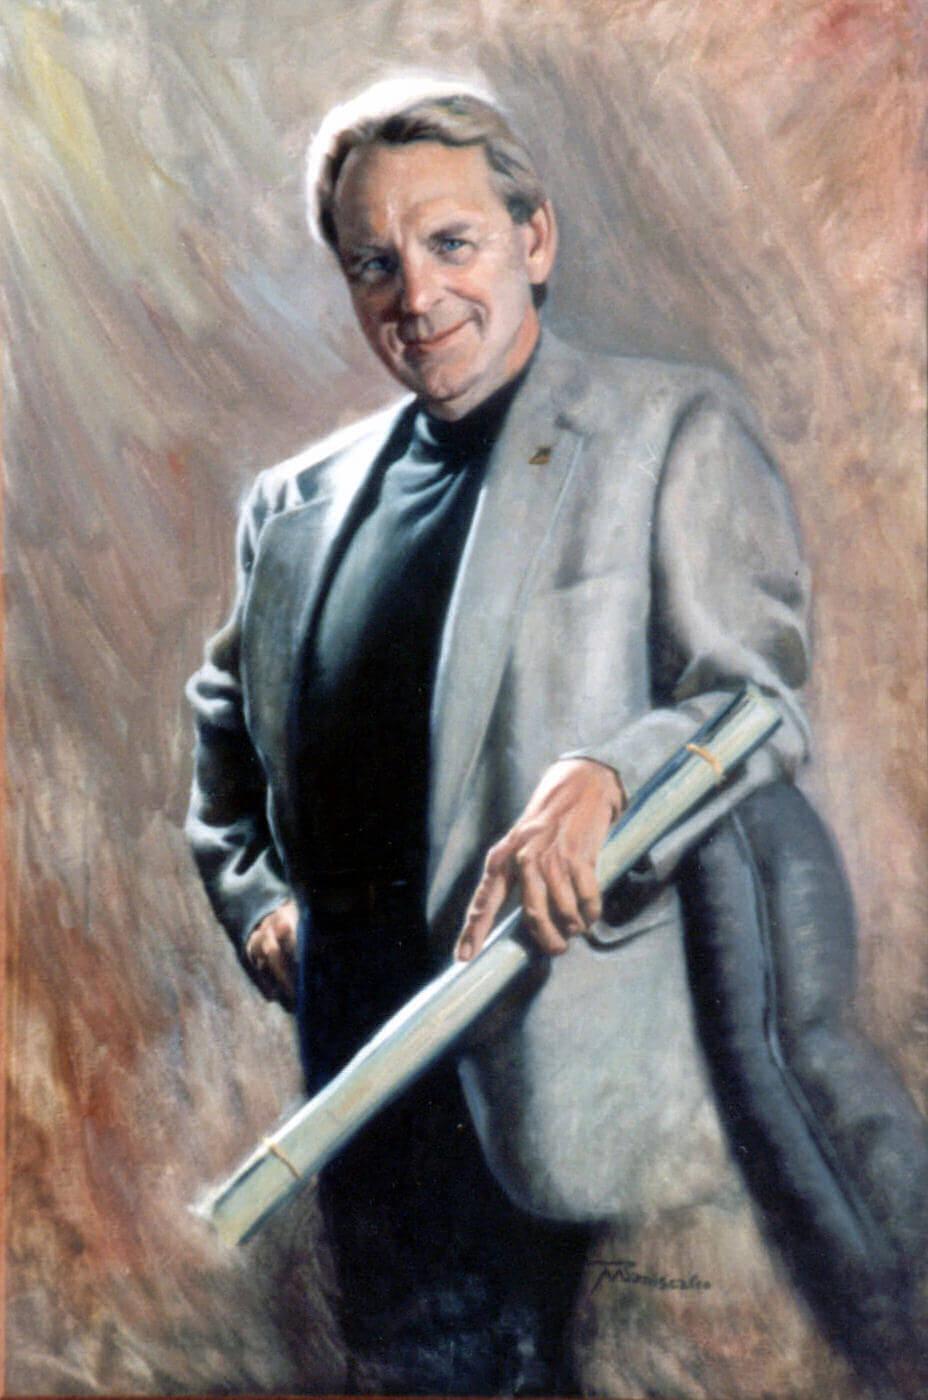 portrait painter of men